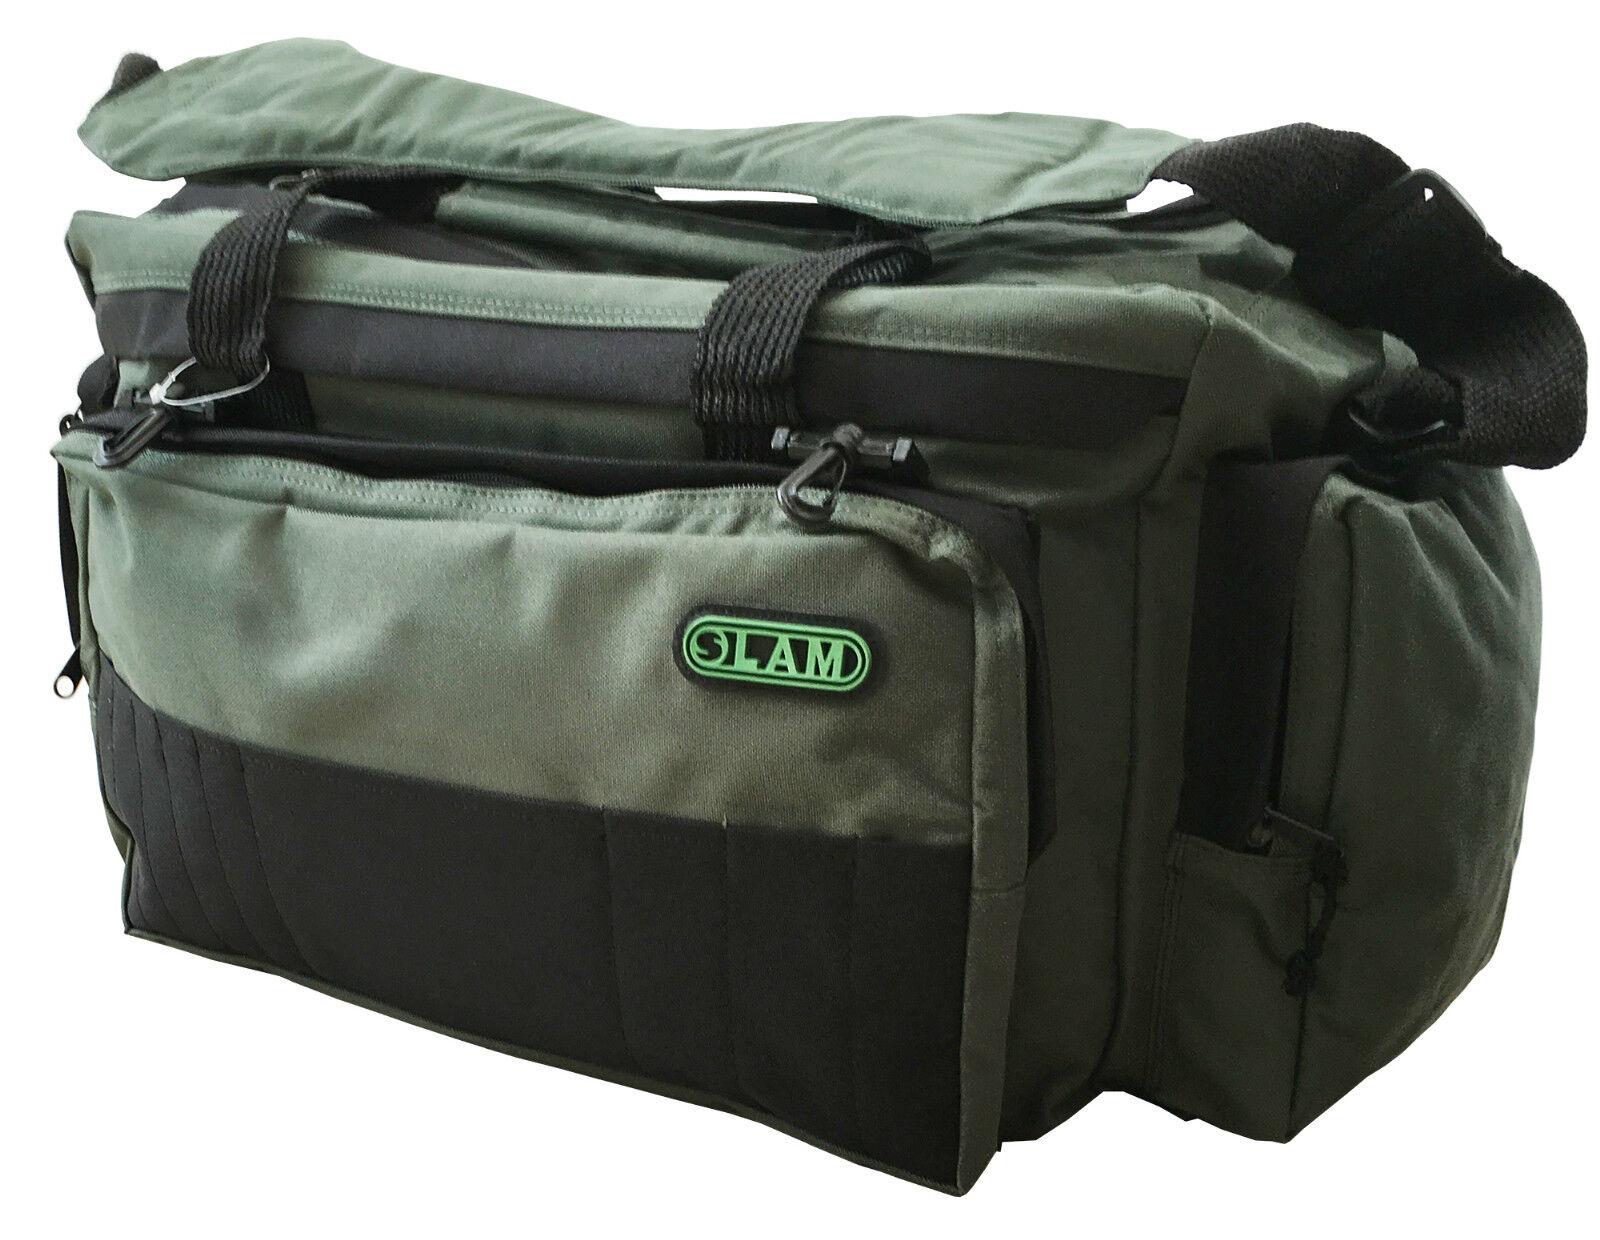 Sundridge Slam Karpfenangeln Carry All -3 Außen Taschen Größe 60x30x32cm   online